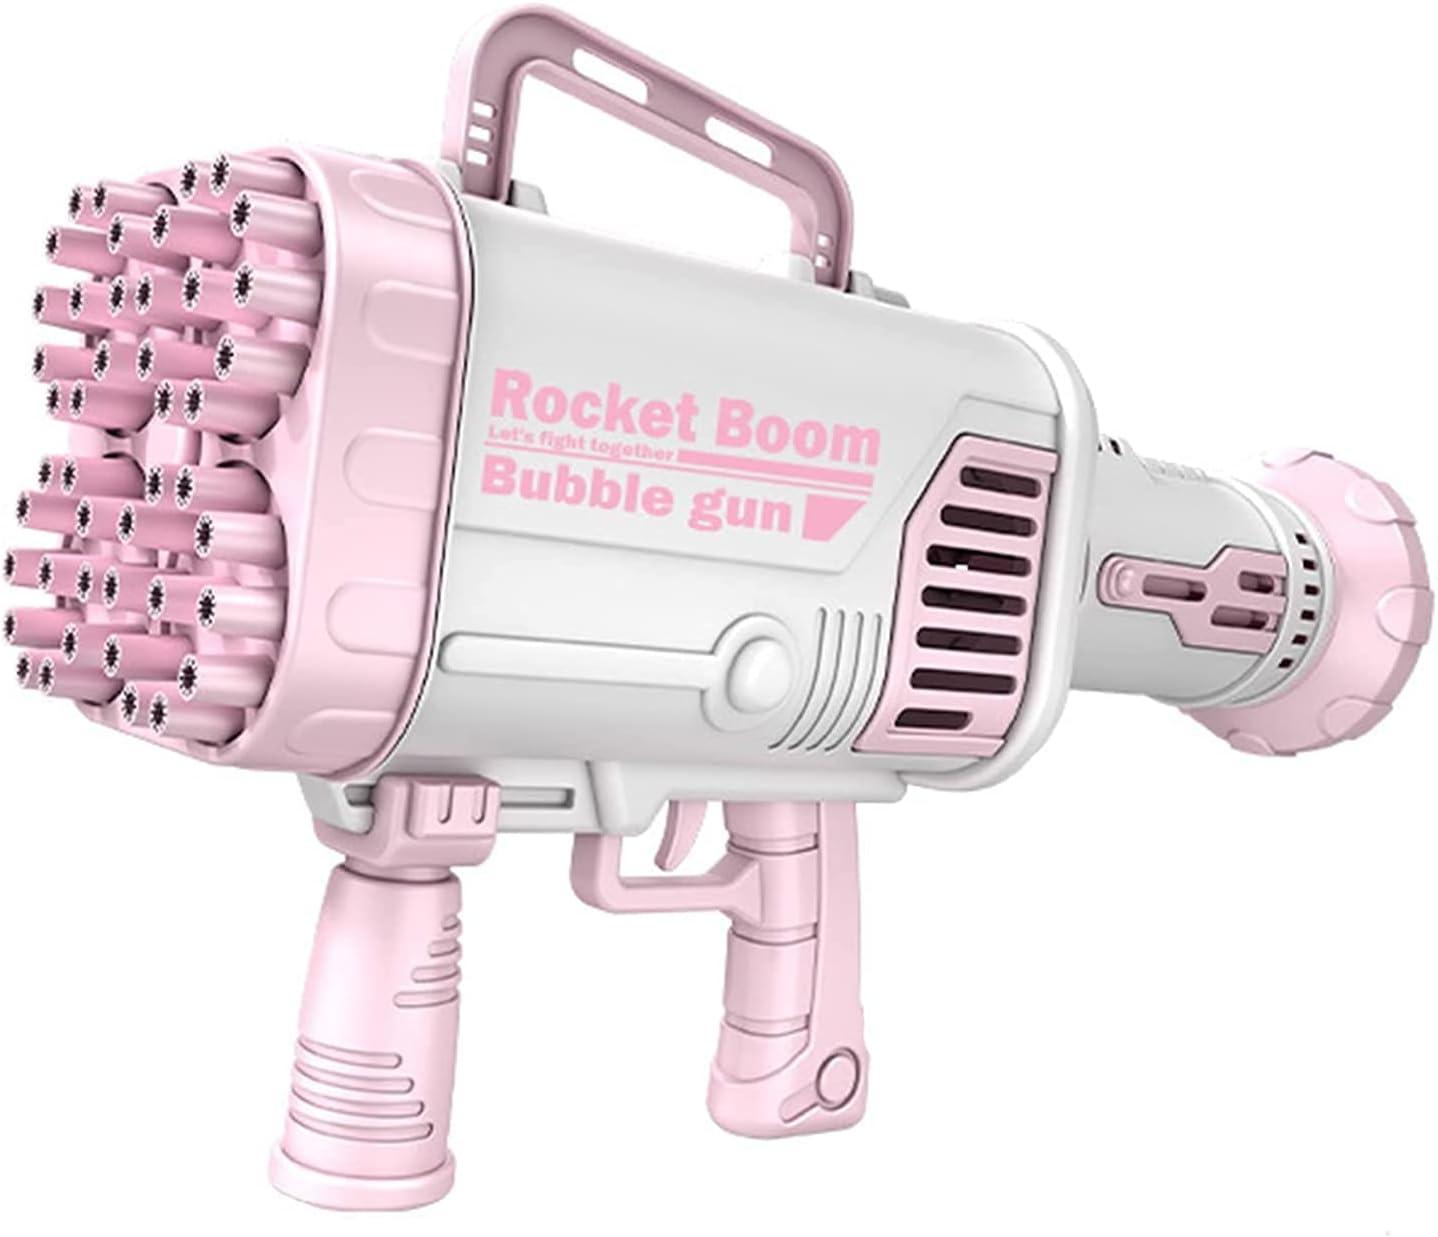 44-Hole Rocket Launcher Shape Bubble Maker, Bubble Machine for T